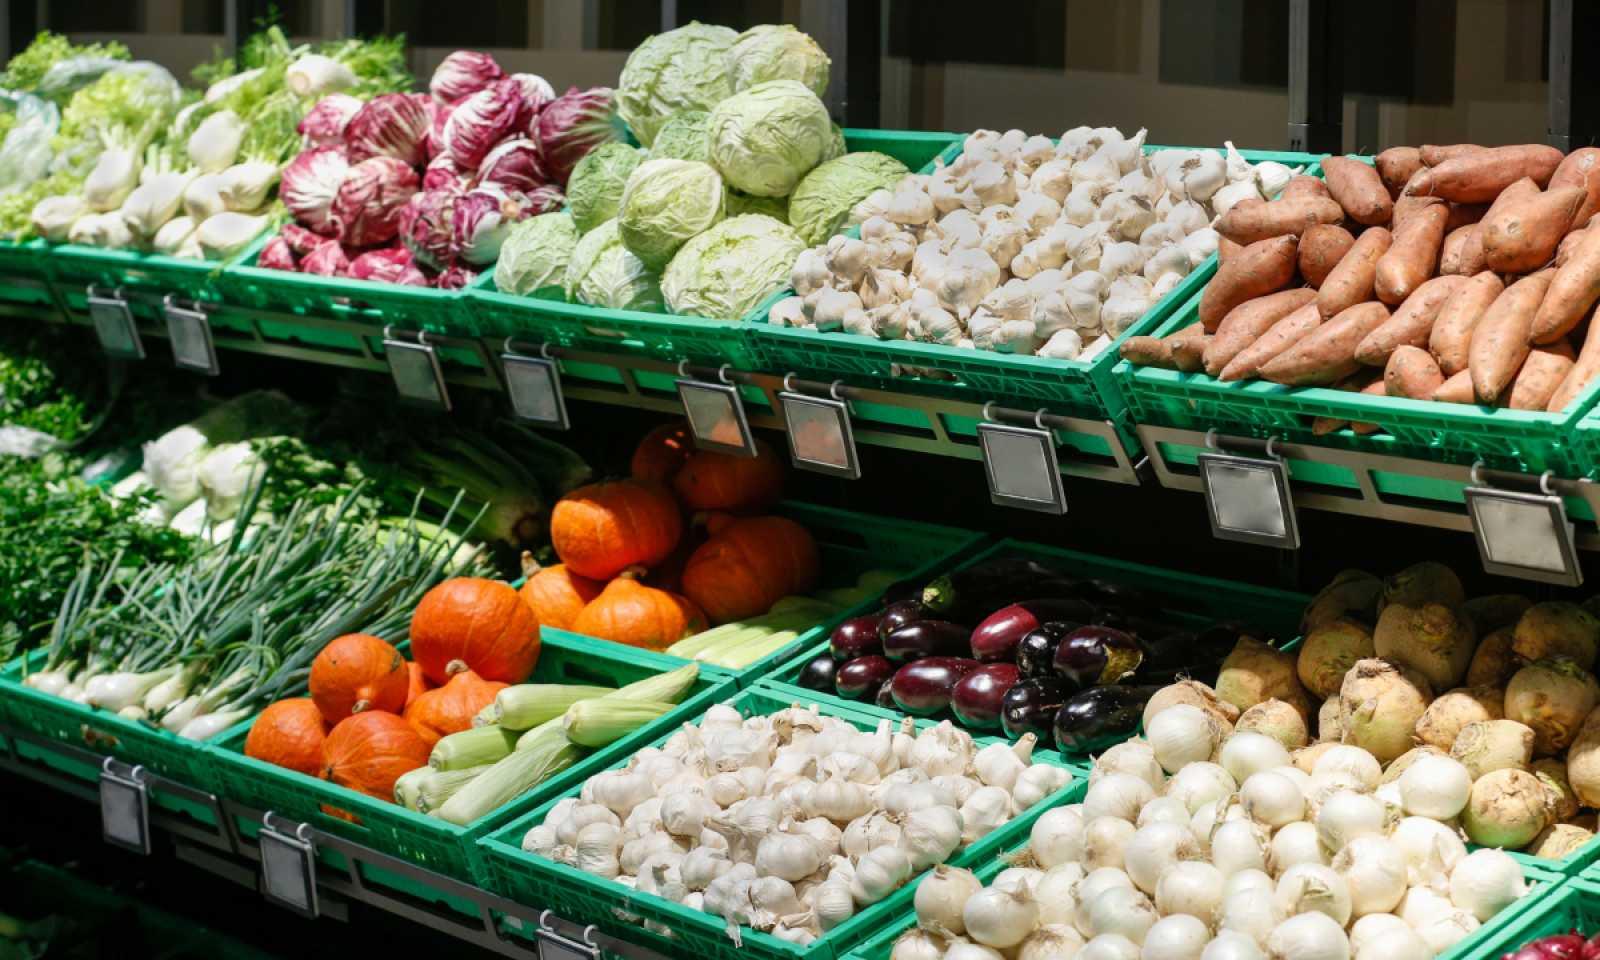 La gente teme al desabastecimiento de los supermercados